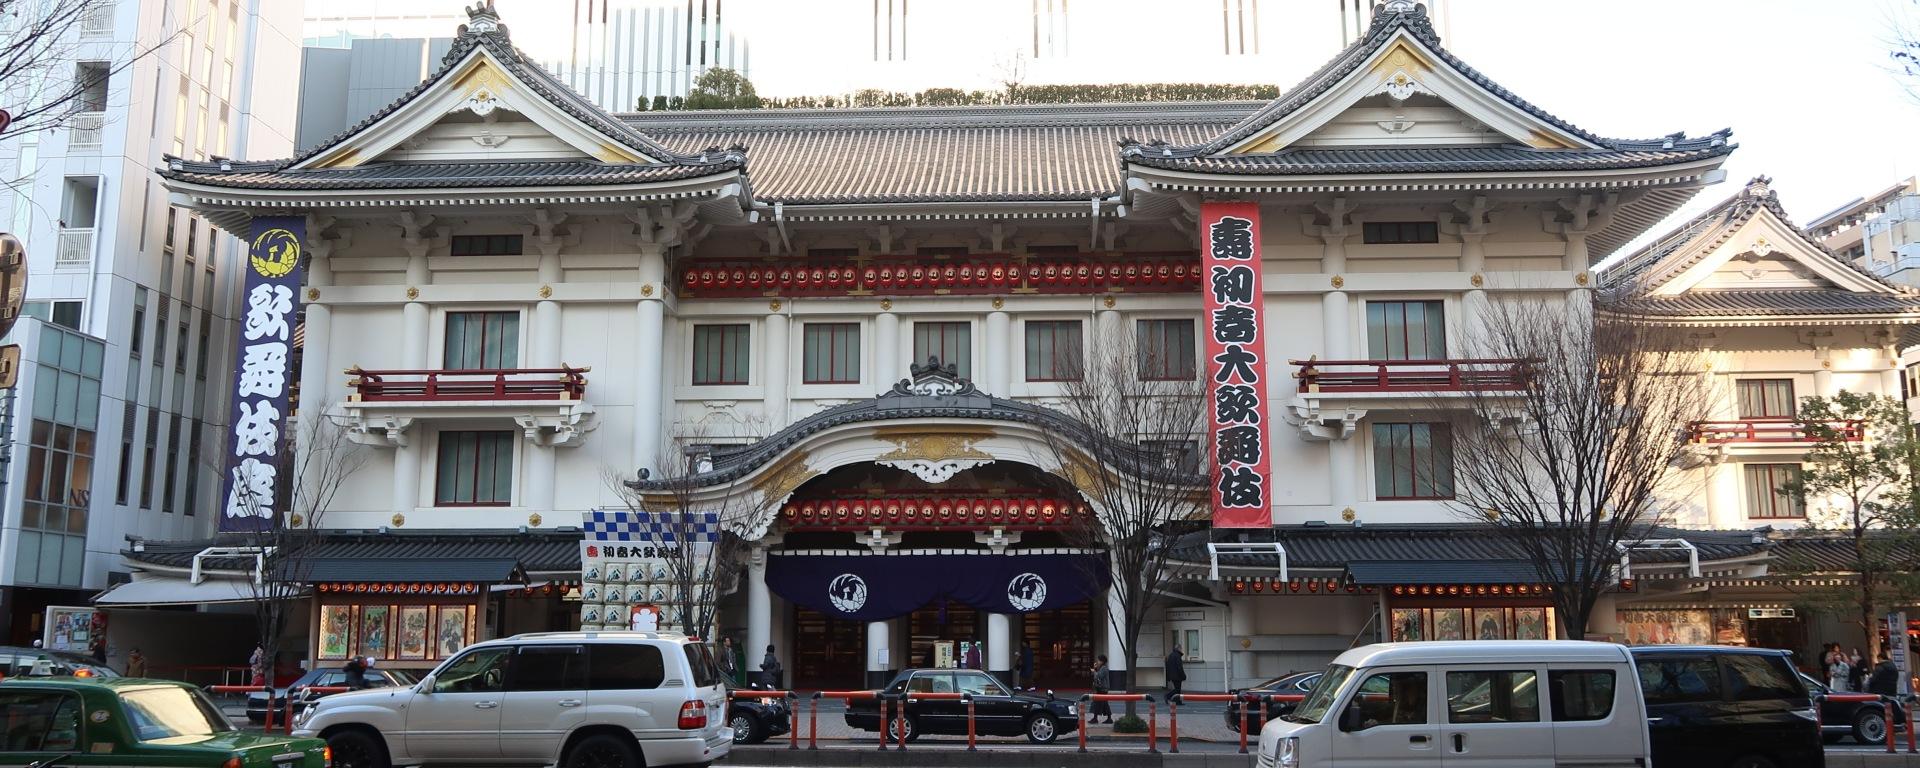 歌舞伎座 Kabuki Theater